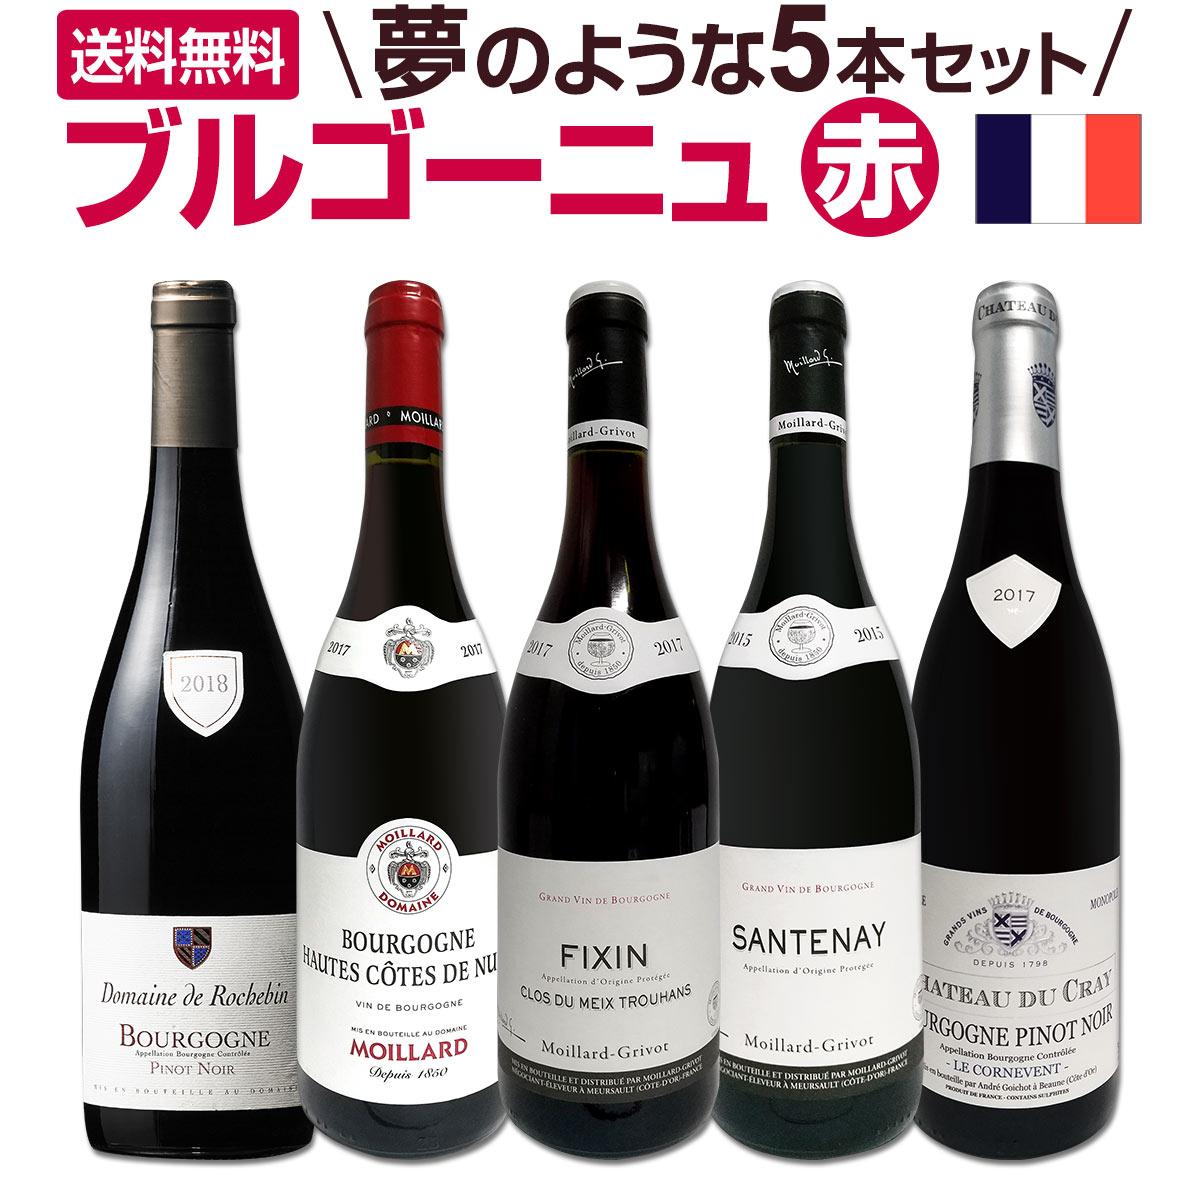 【送料無料】厳選ブルゴーニュ赤ワイン5本セット!